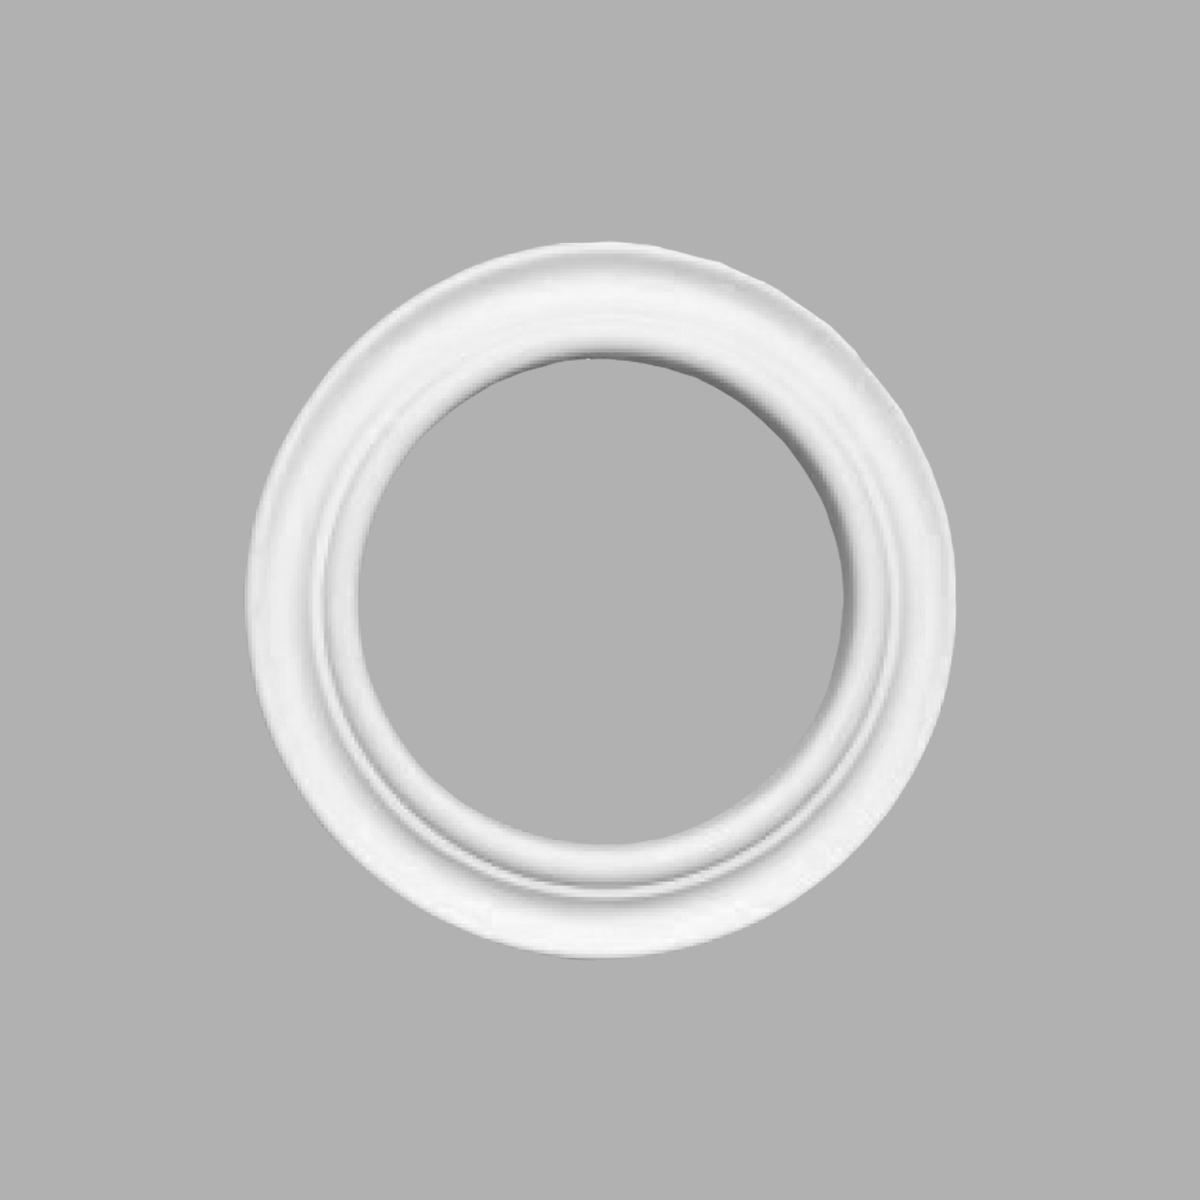 Розетка потолочная DECOMASTER 80205 (внешний диаметр 215мм, внутренний — 140мм)